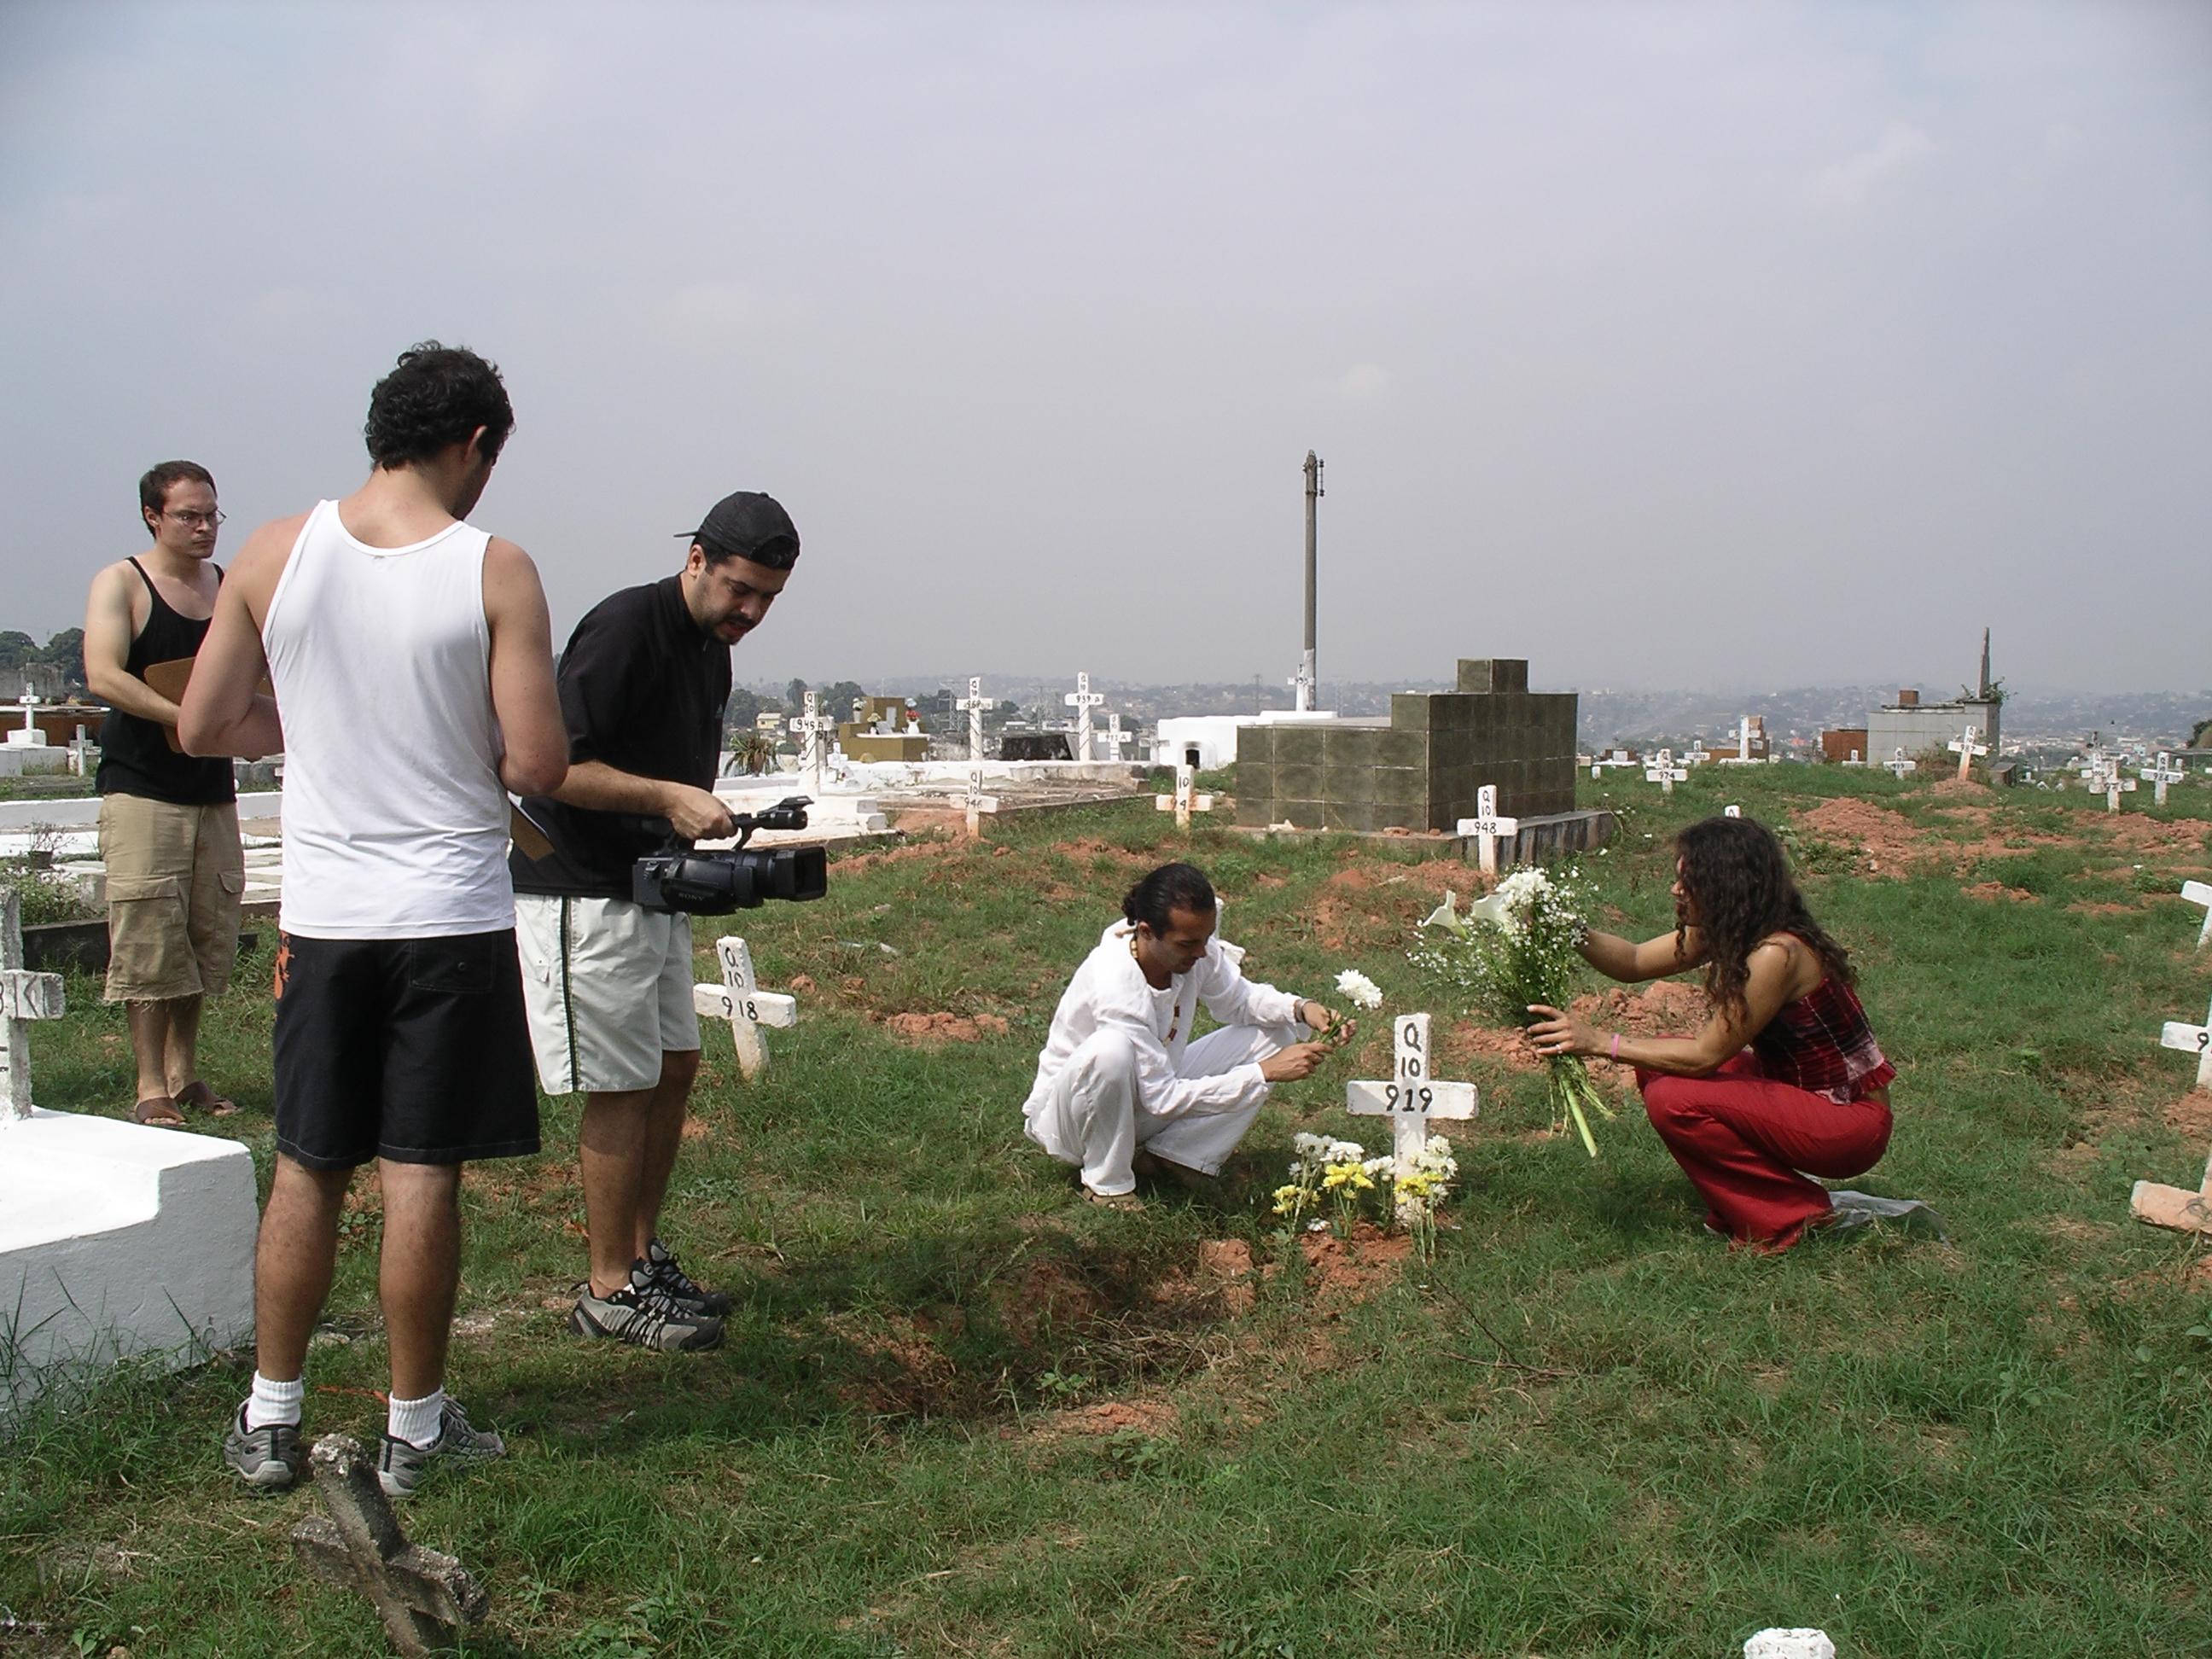 Filmagens do documentário Basta um Dia na Baixada Fluminense, sobre a chacina onde várias travestis foram assassinadas em 2003.